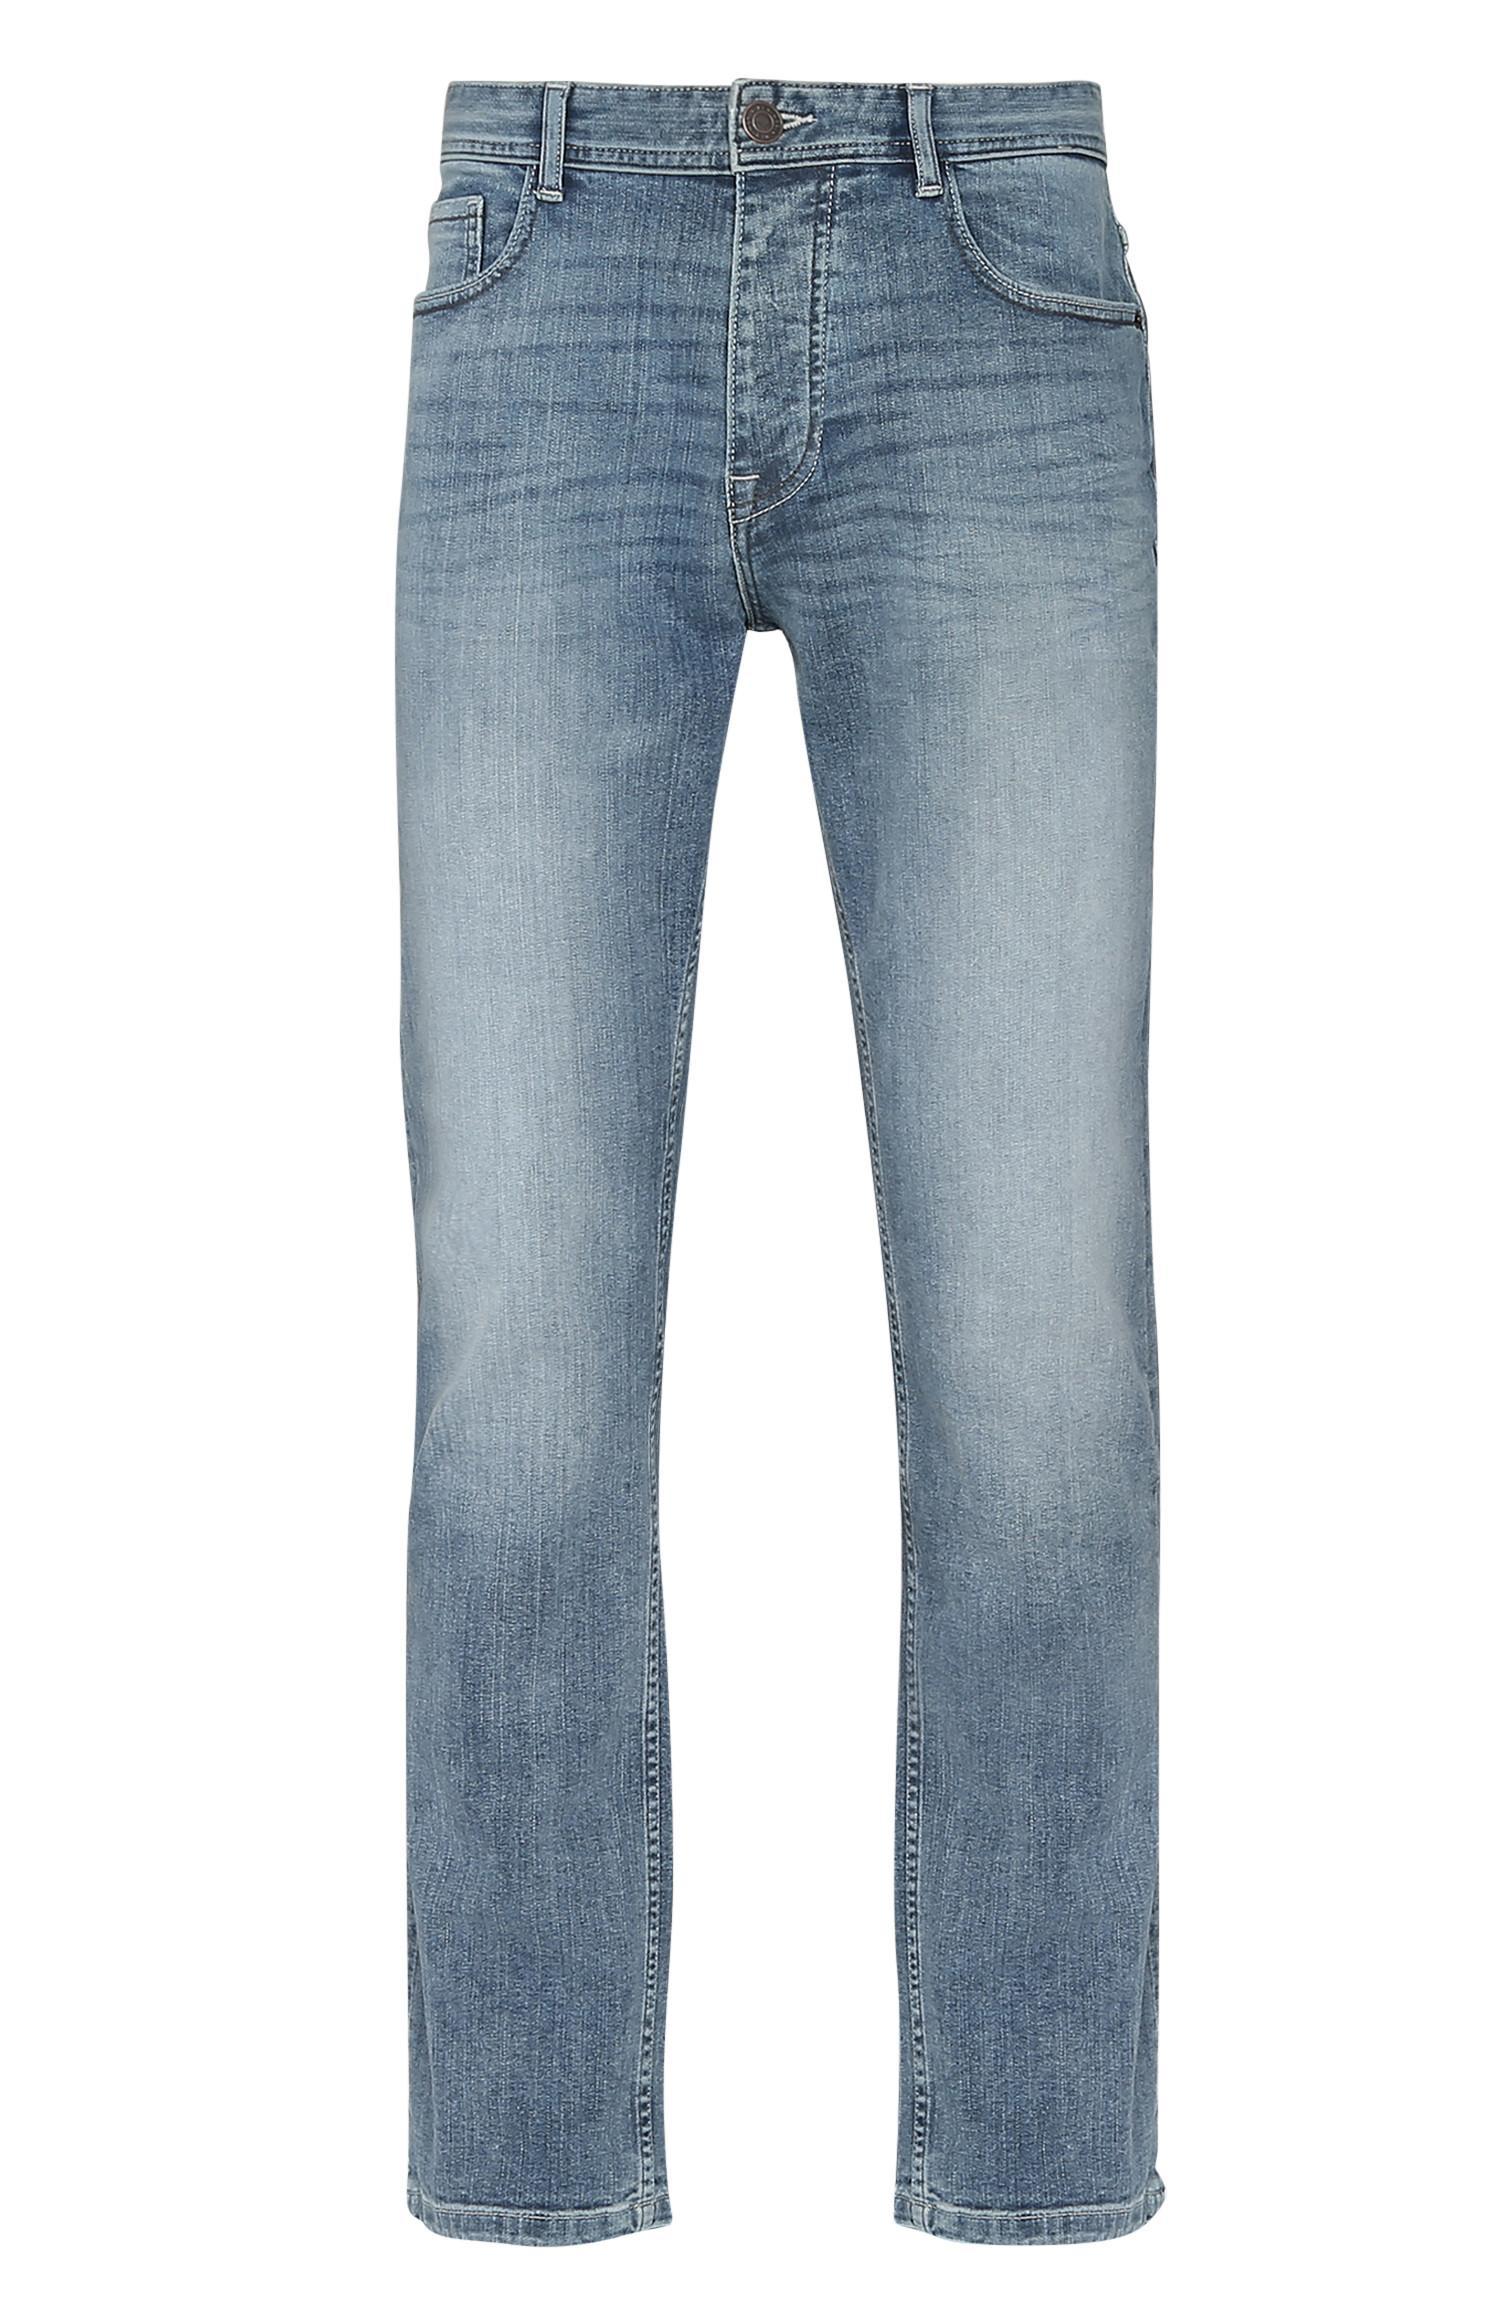 Ausgebleichte Jeans in Hellblau